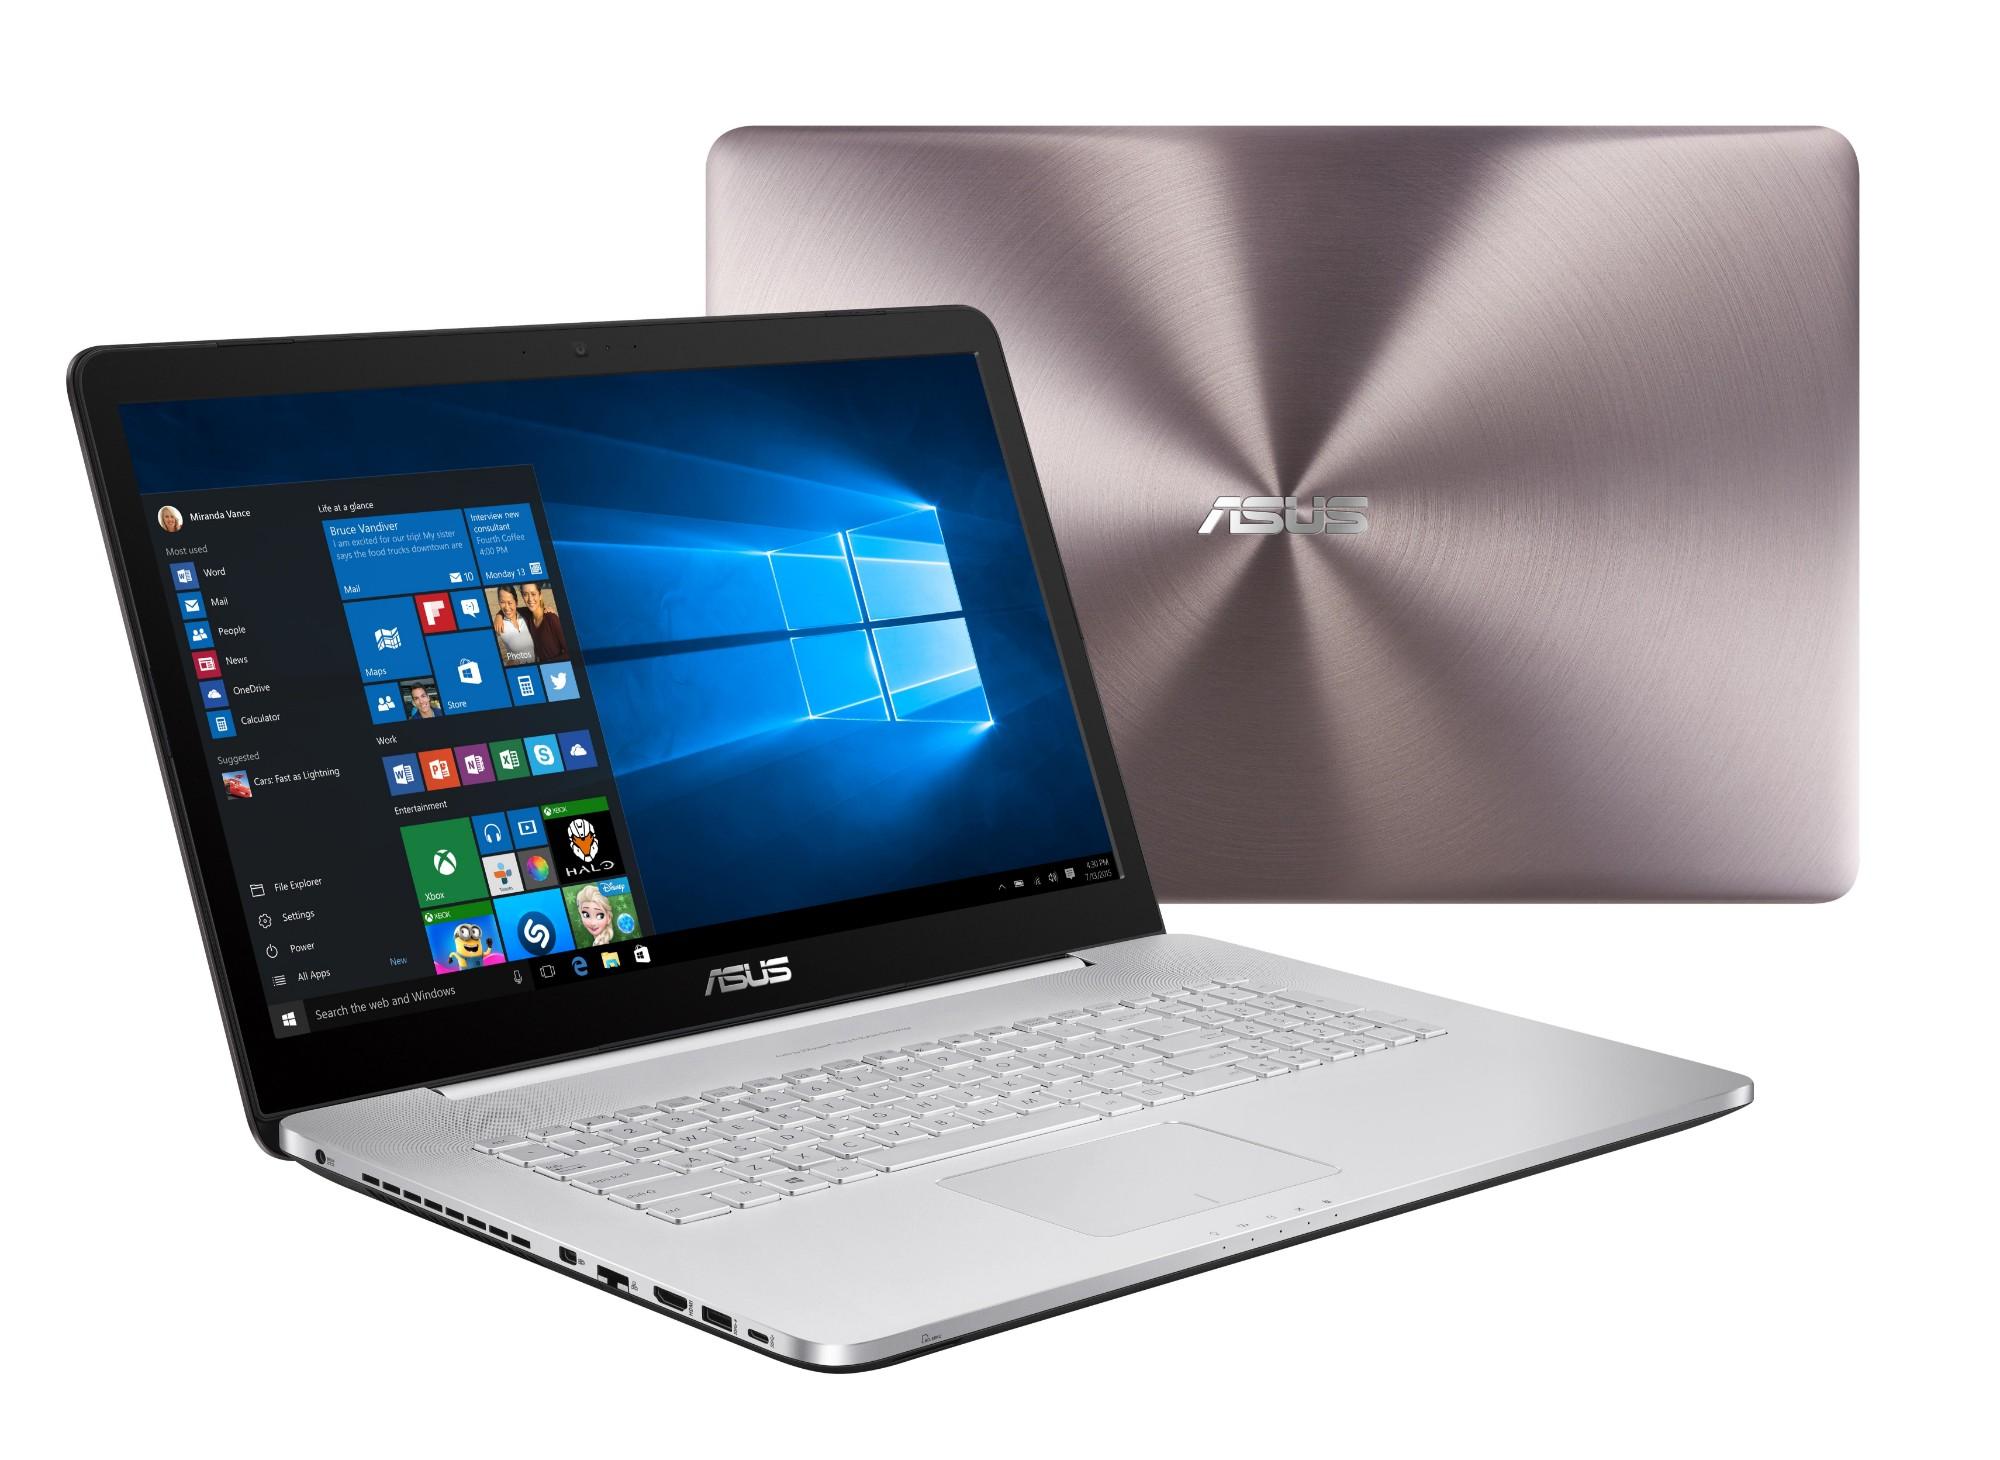 """ASUS VivoBook Pro N752VX-GC322T 2.3GHz i5-6300HQ 17.3"""" 1920 x 1080pixels Grey,Aluminium Notebook"""